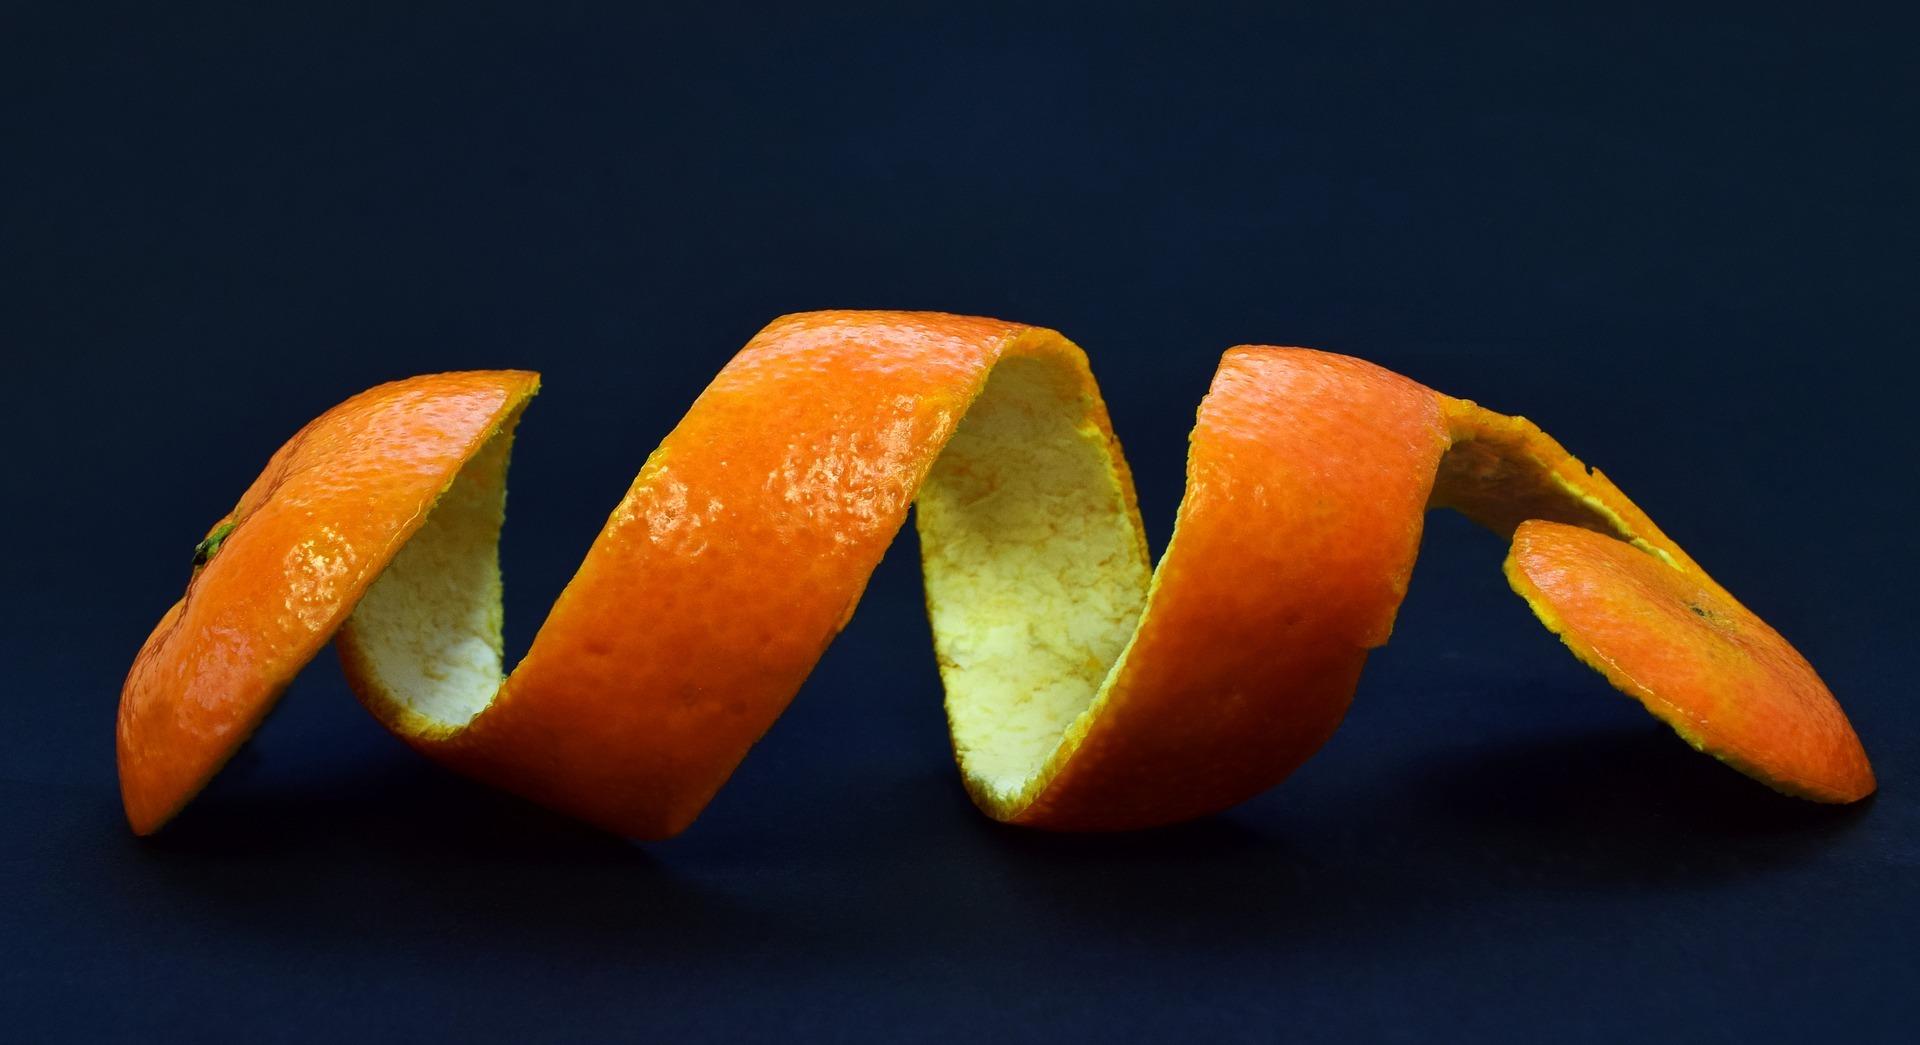 Valorisation des biodéchets :  quelles solutions ? (pelure d'orange)